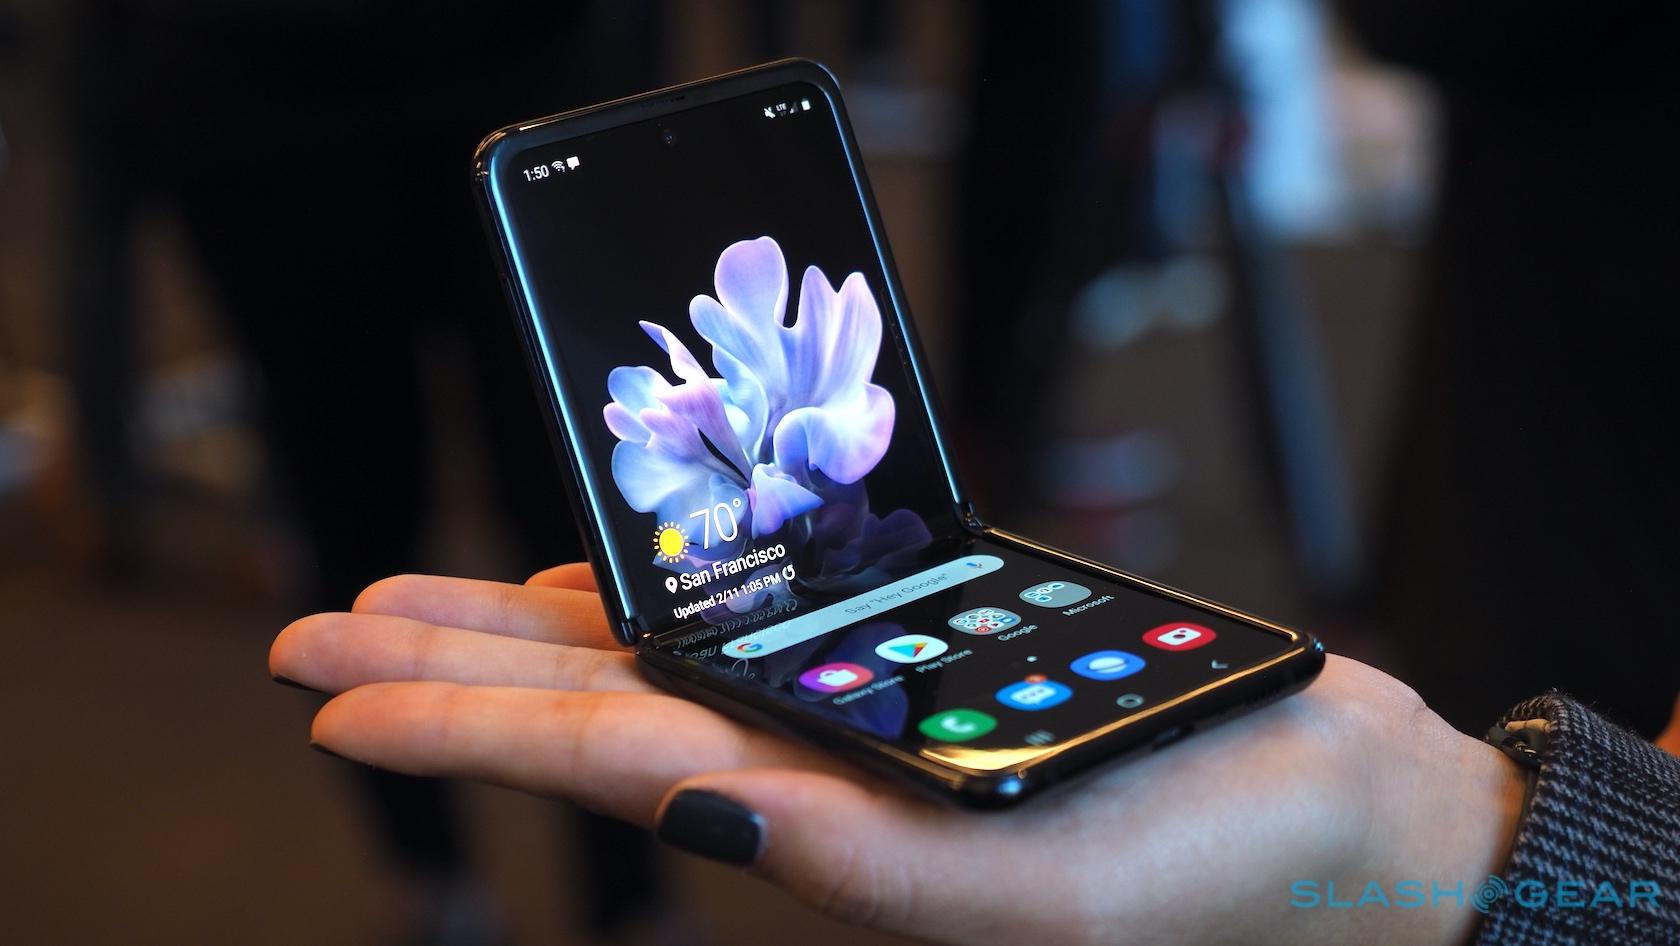 Galaxy Z Flip looks nice